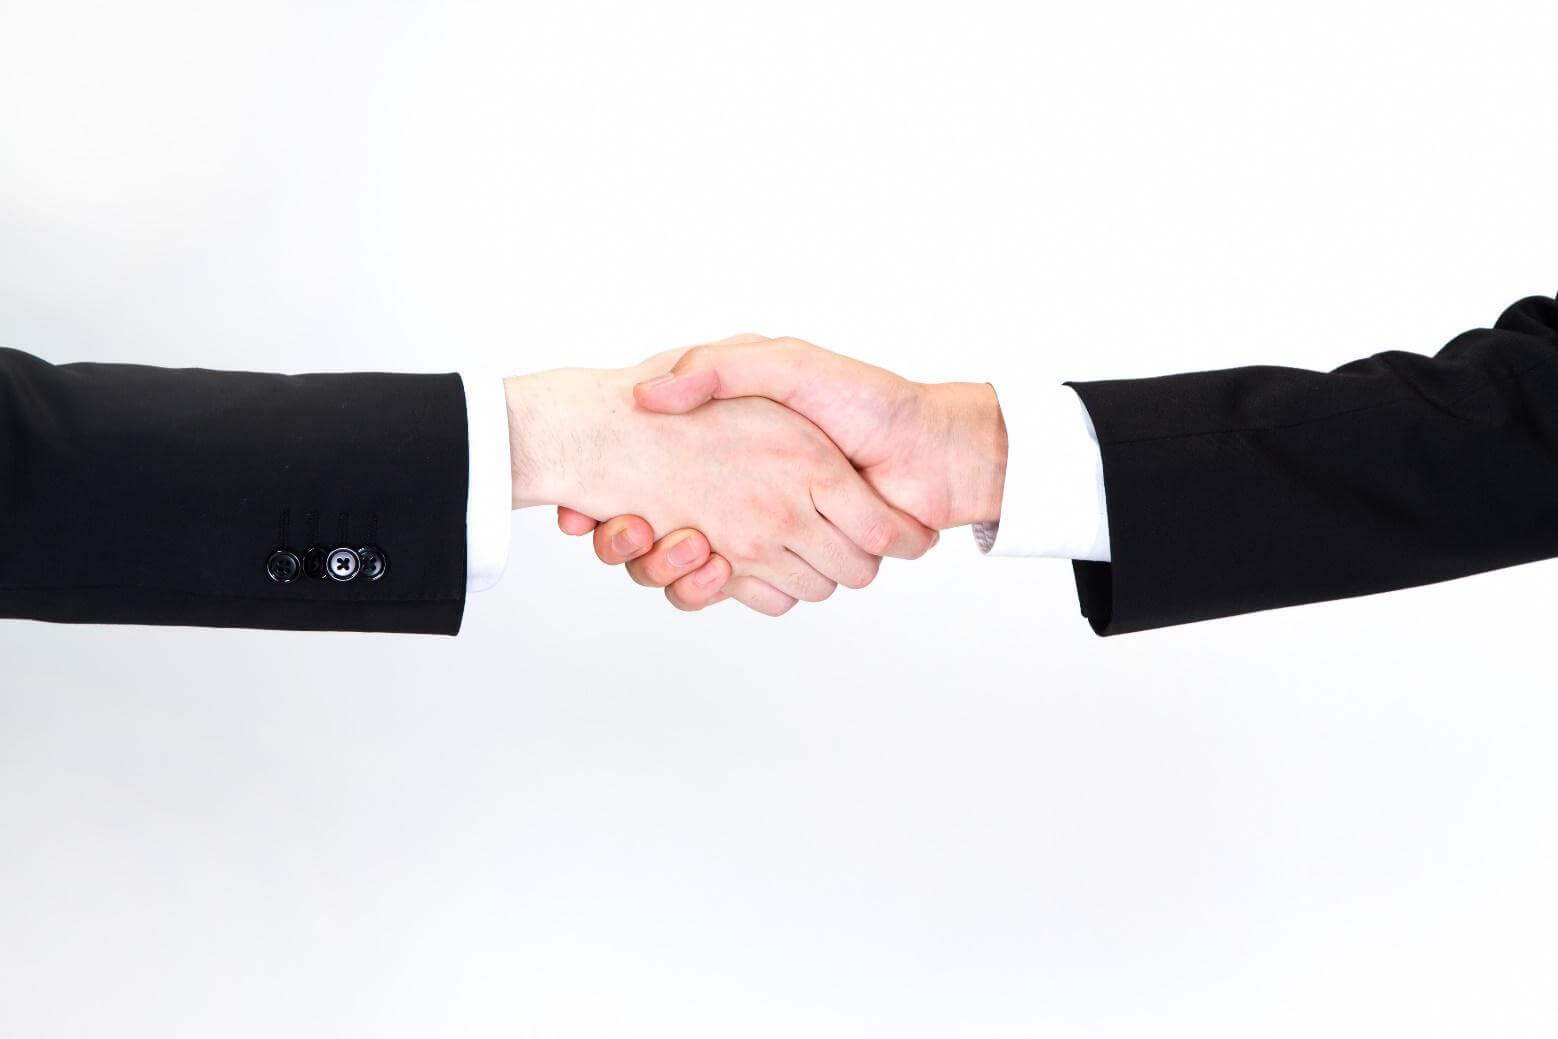 フリーランスエンジニアが案件を選定するときに知っておくべき交渉術